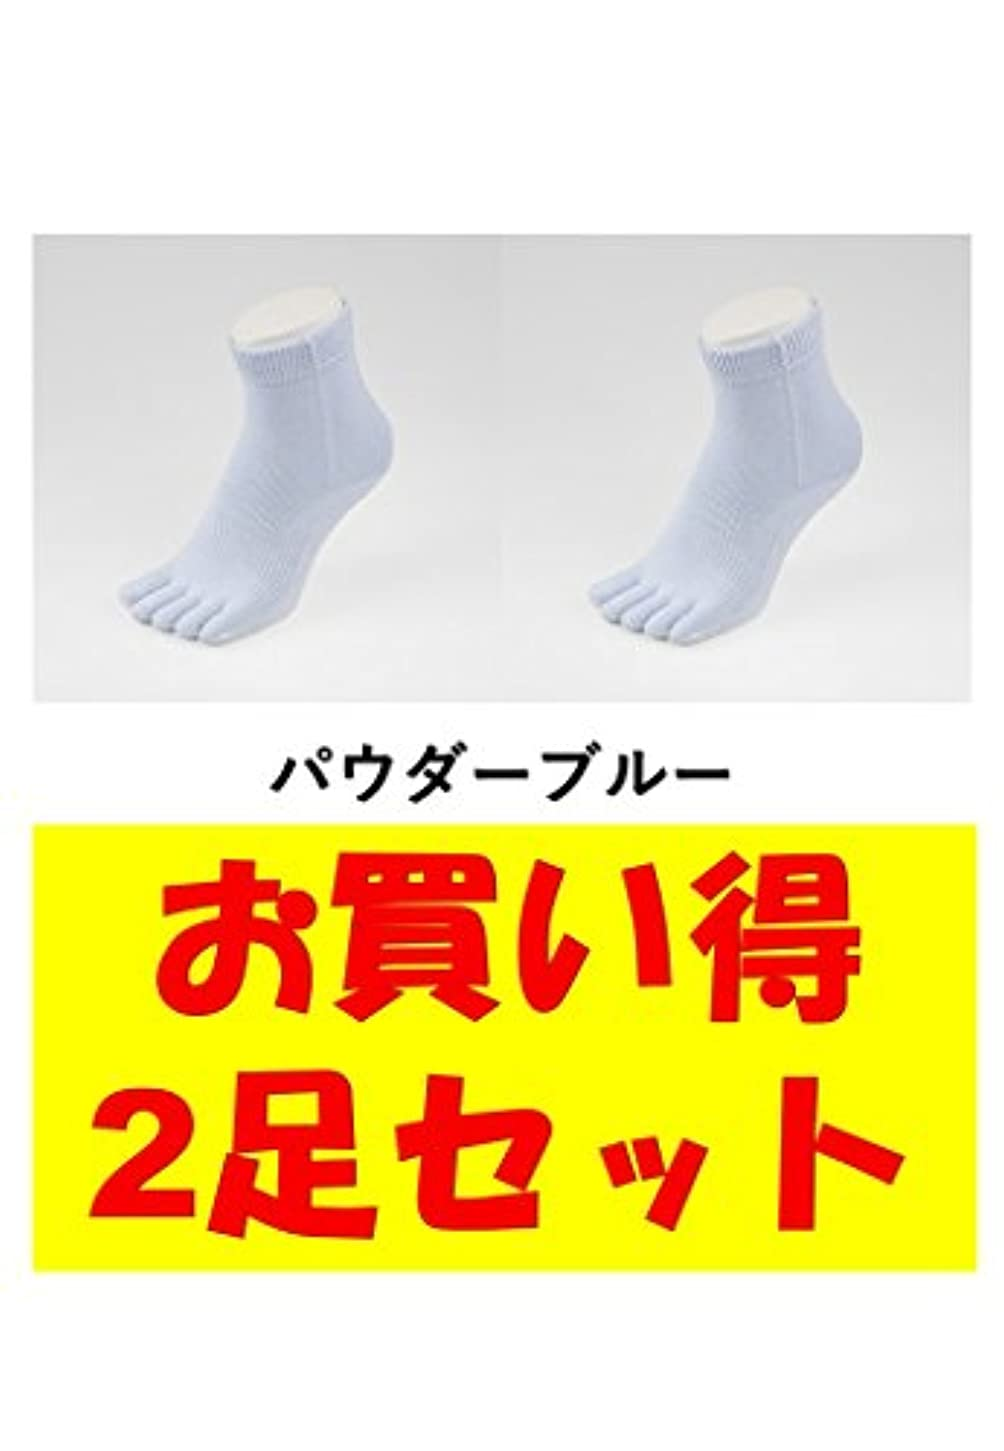 オリエンタル即席優遇お買い得2足セット 5本指 ゆびのばソックス Neo EVE(イヴ) パウダーブルー Sサイズ(21.0cm - 24.0cm) YSNEVE-PBL